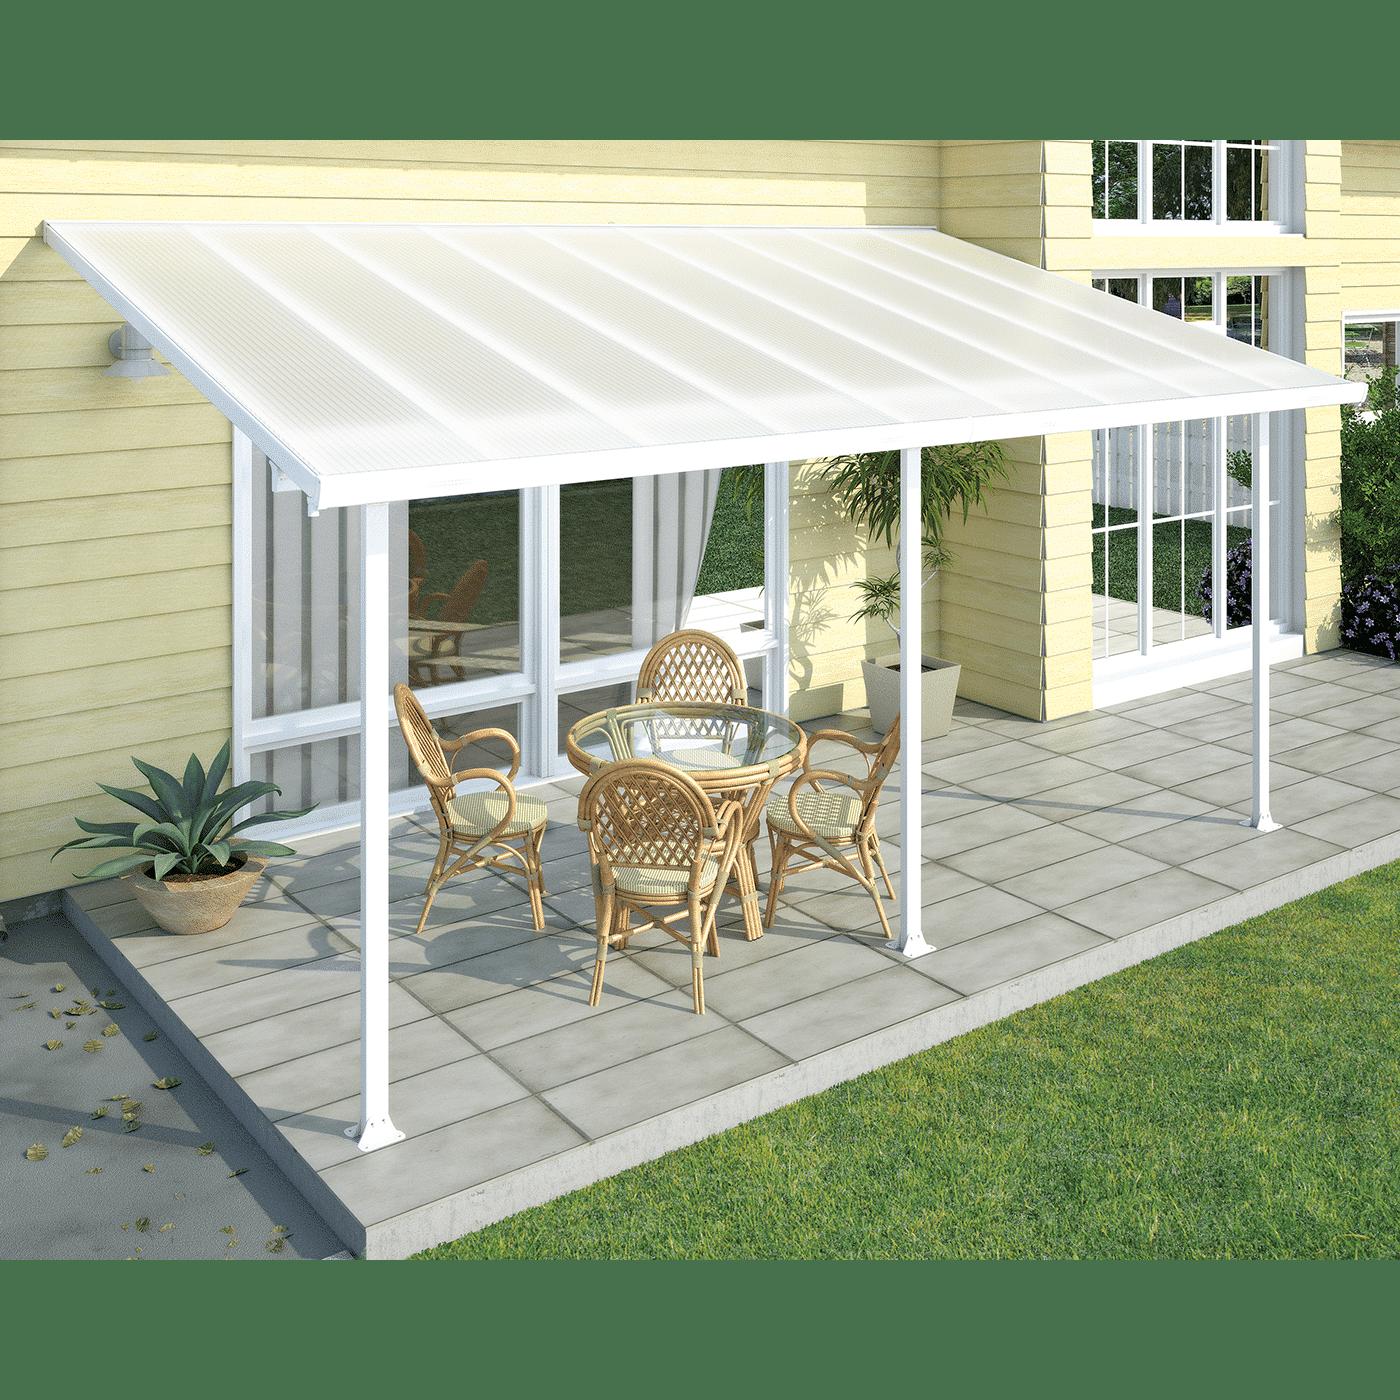 feria 3 pergola verandah patio cover